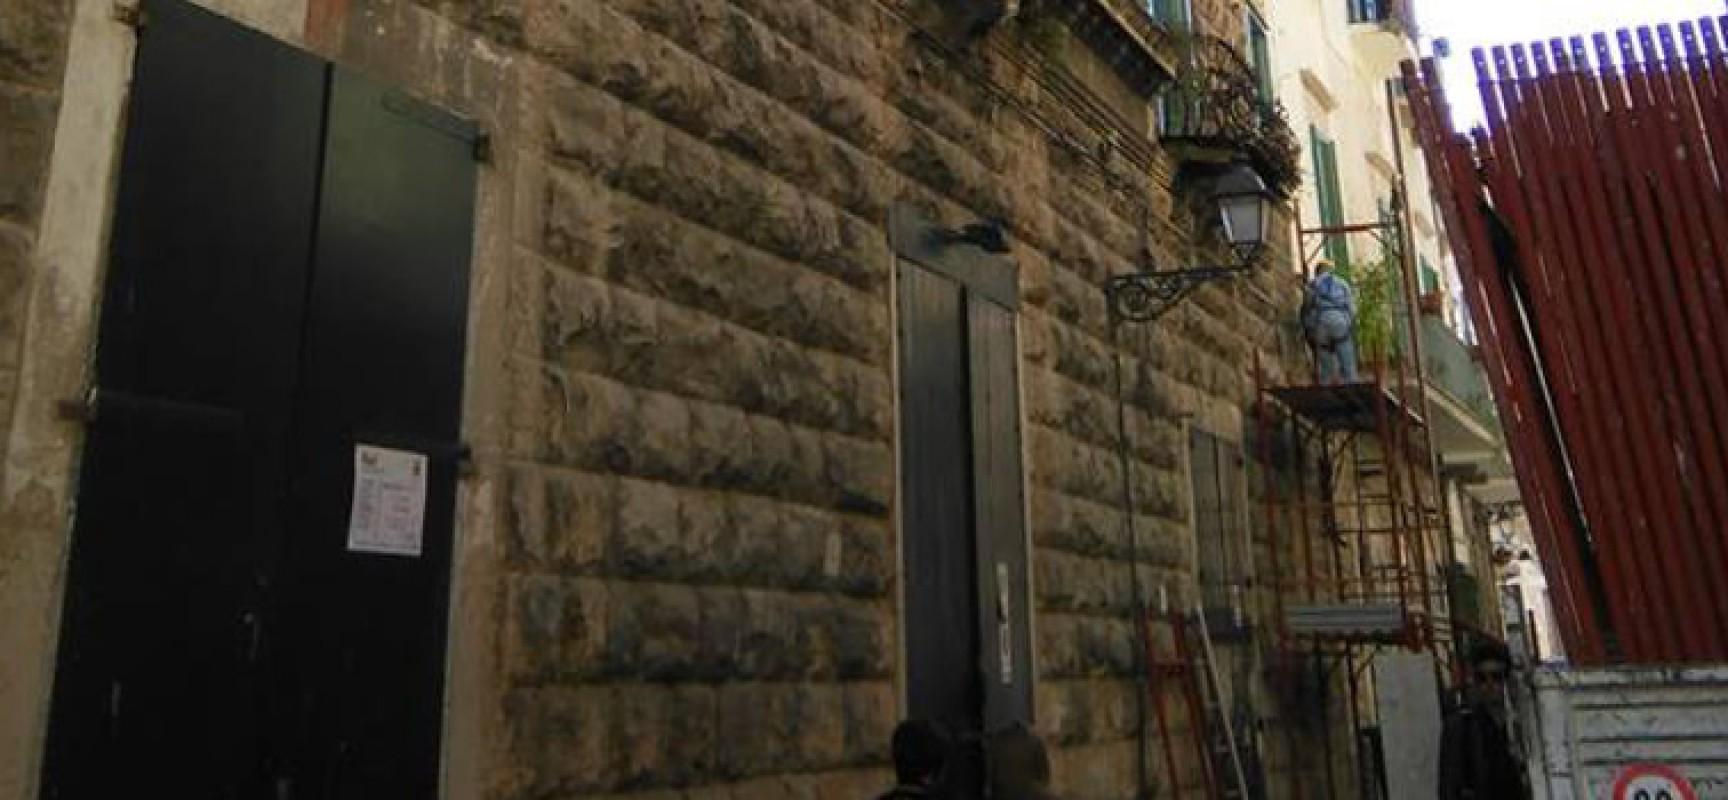 Partita la pulizia delle facciate di Palazzo Tupputi, i lavori dureranno 90 giorni